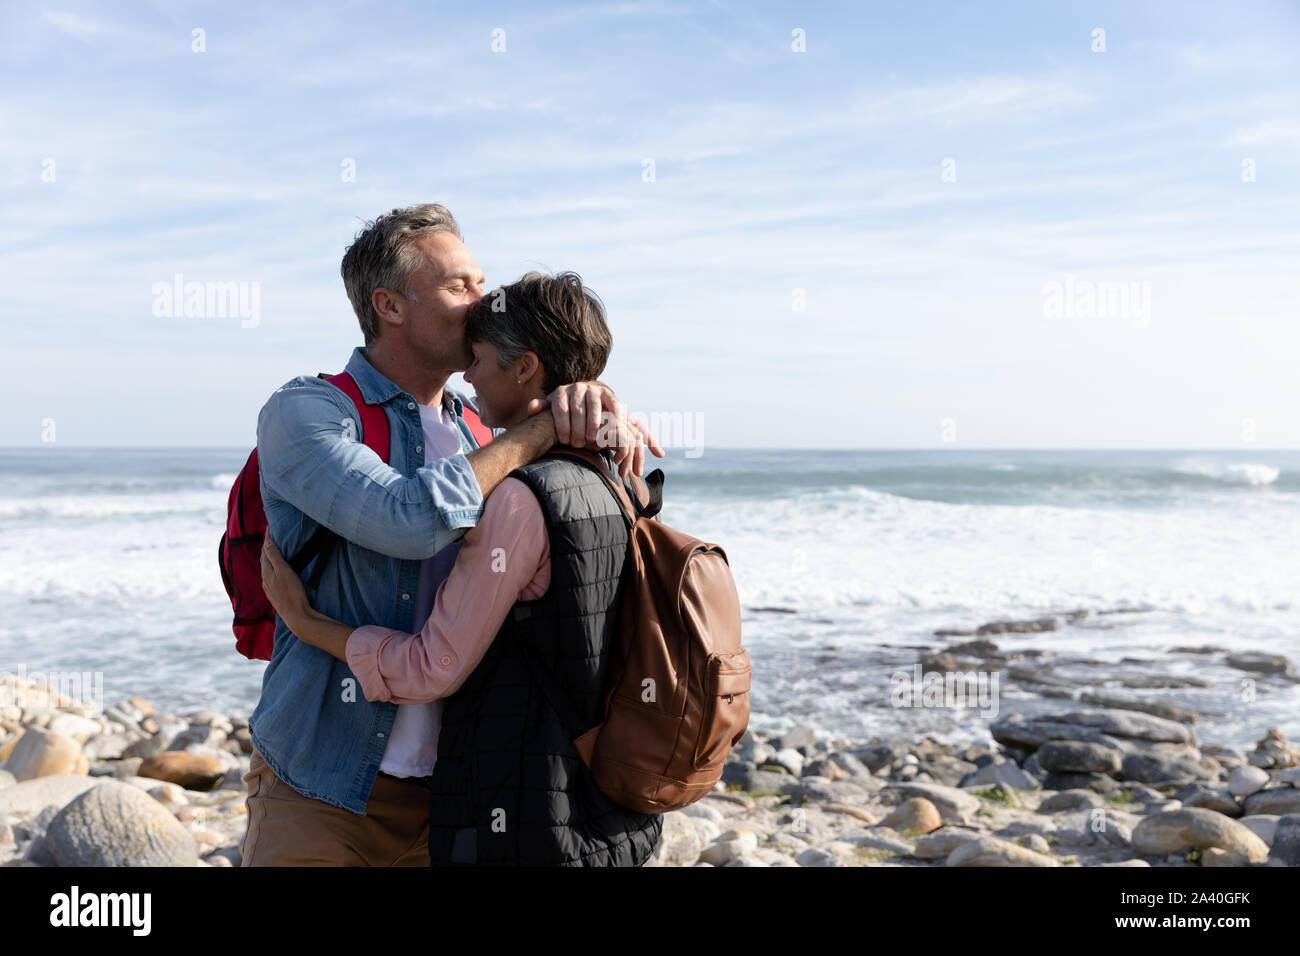 Paar am Meer umarmt Stockfoto